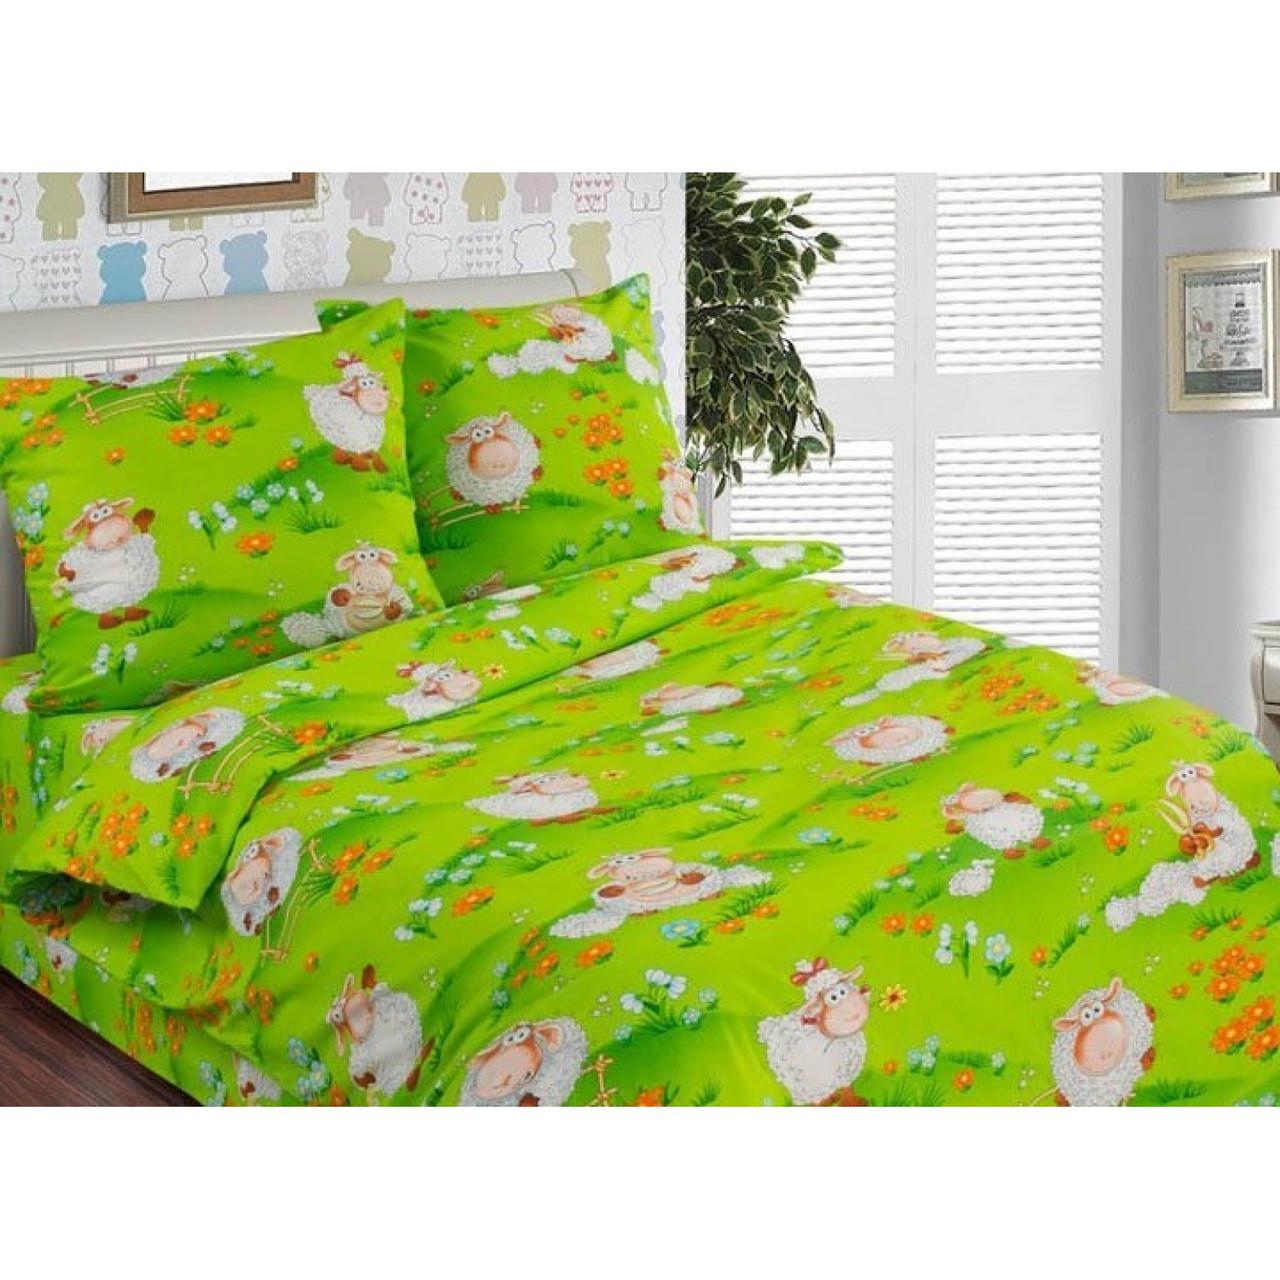 Постельное белье в кроватку Веселая лужайка (поплин)